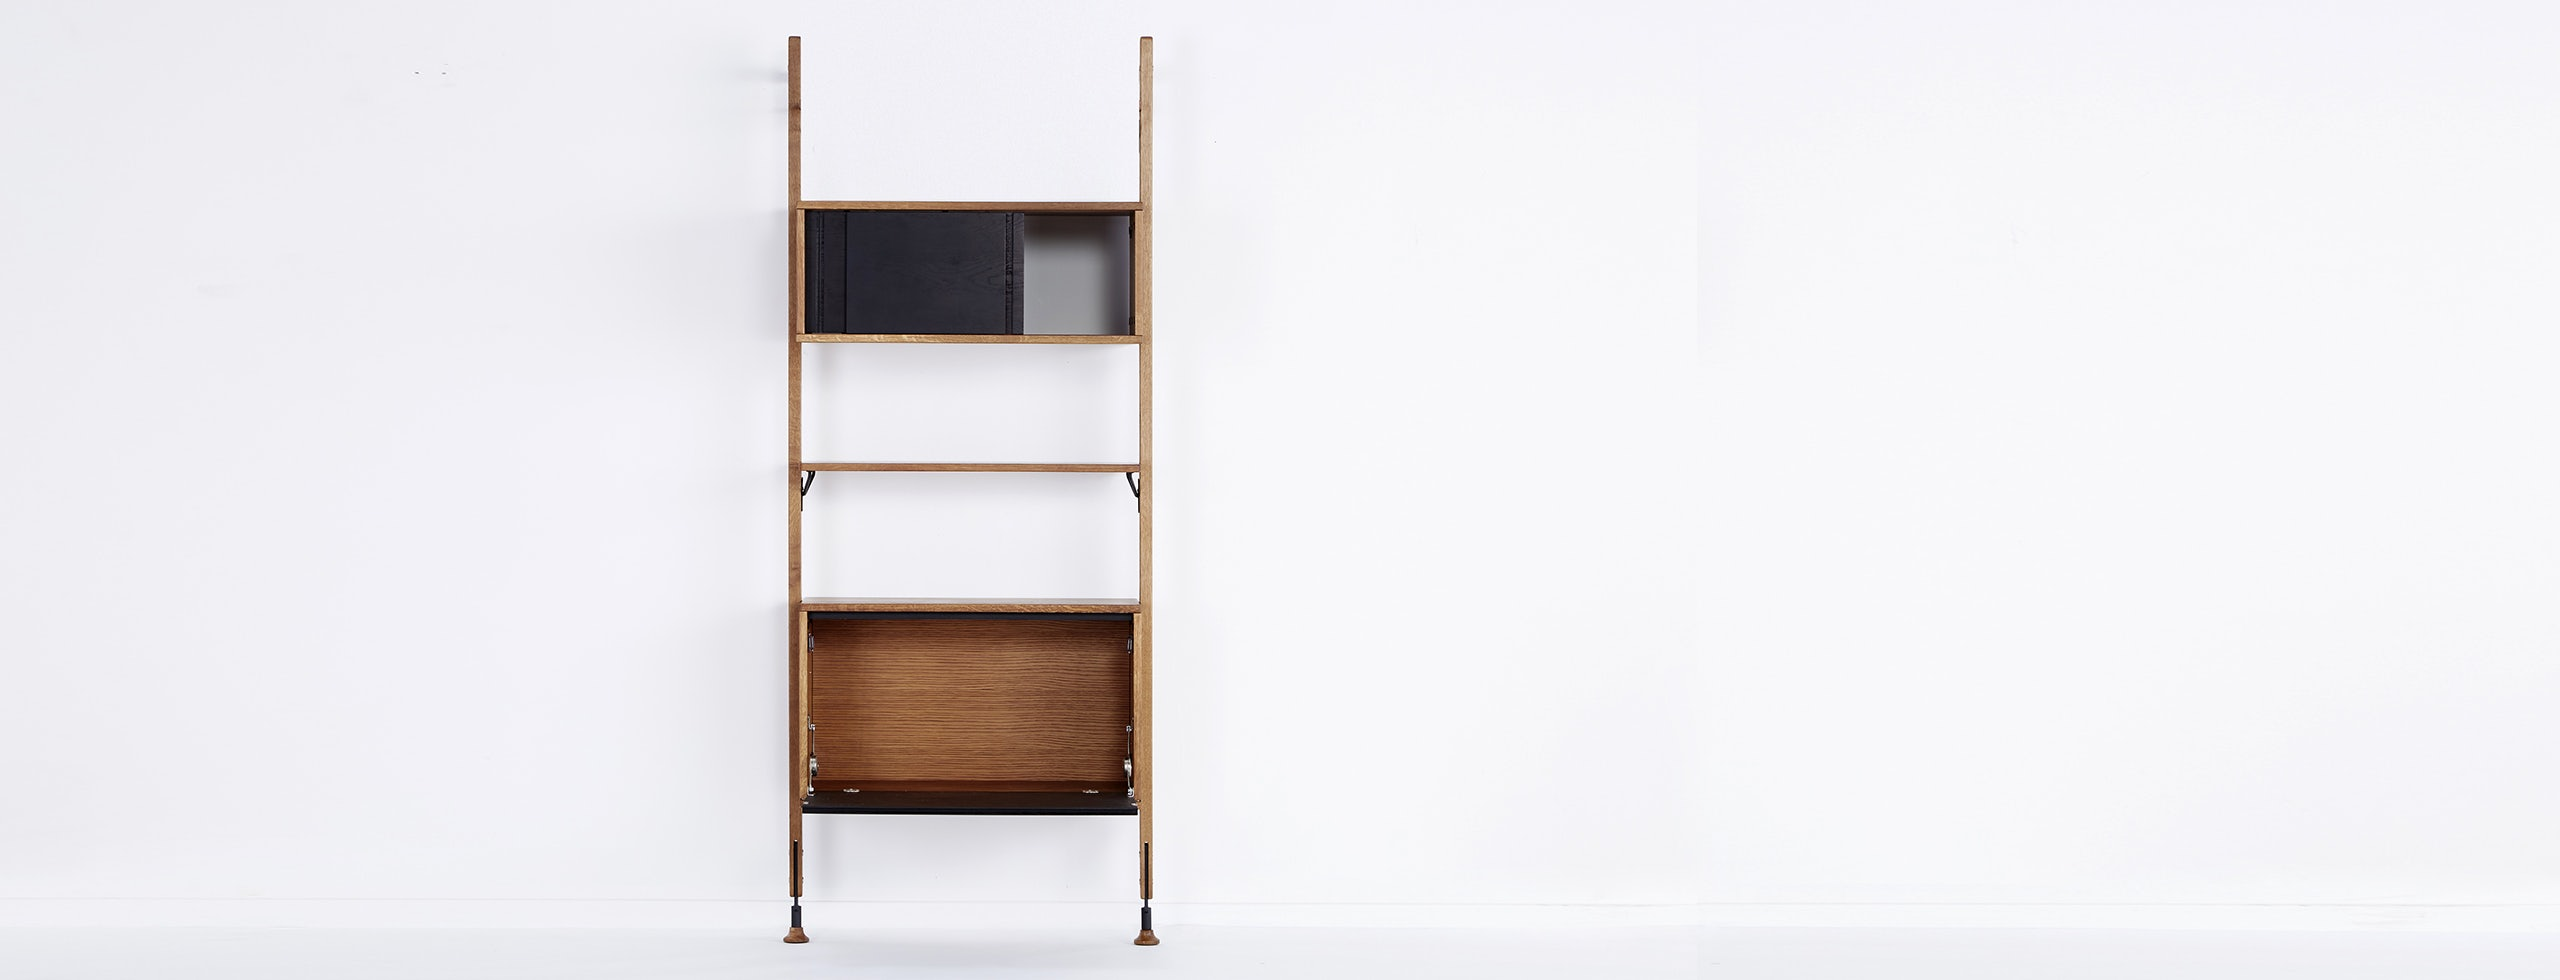 Dexter Modular Shelf With Cabinet